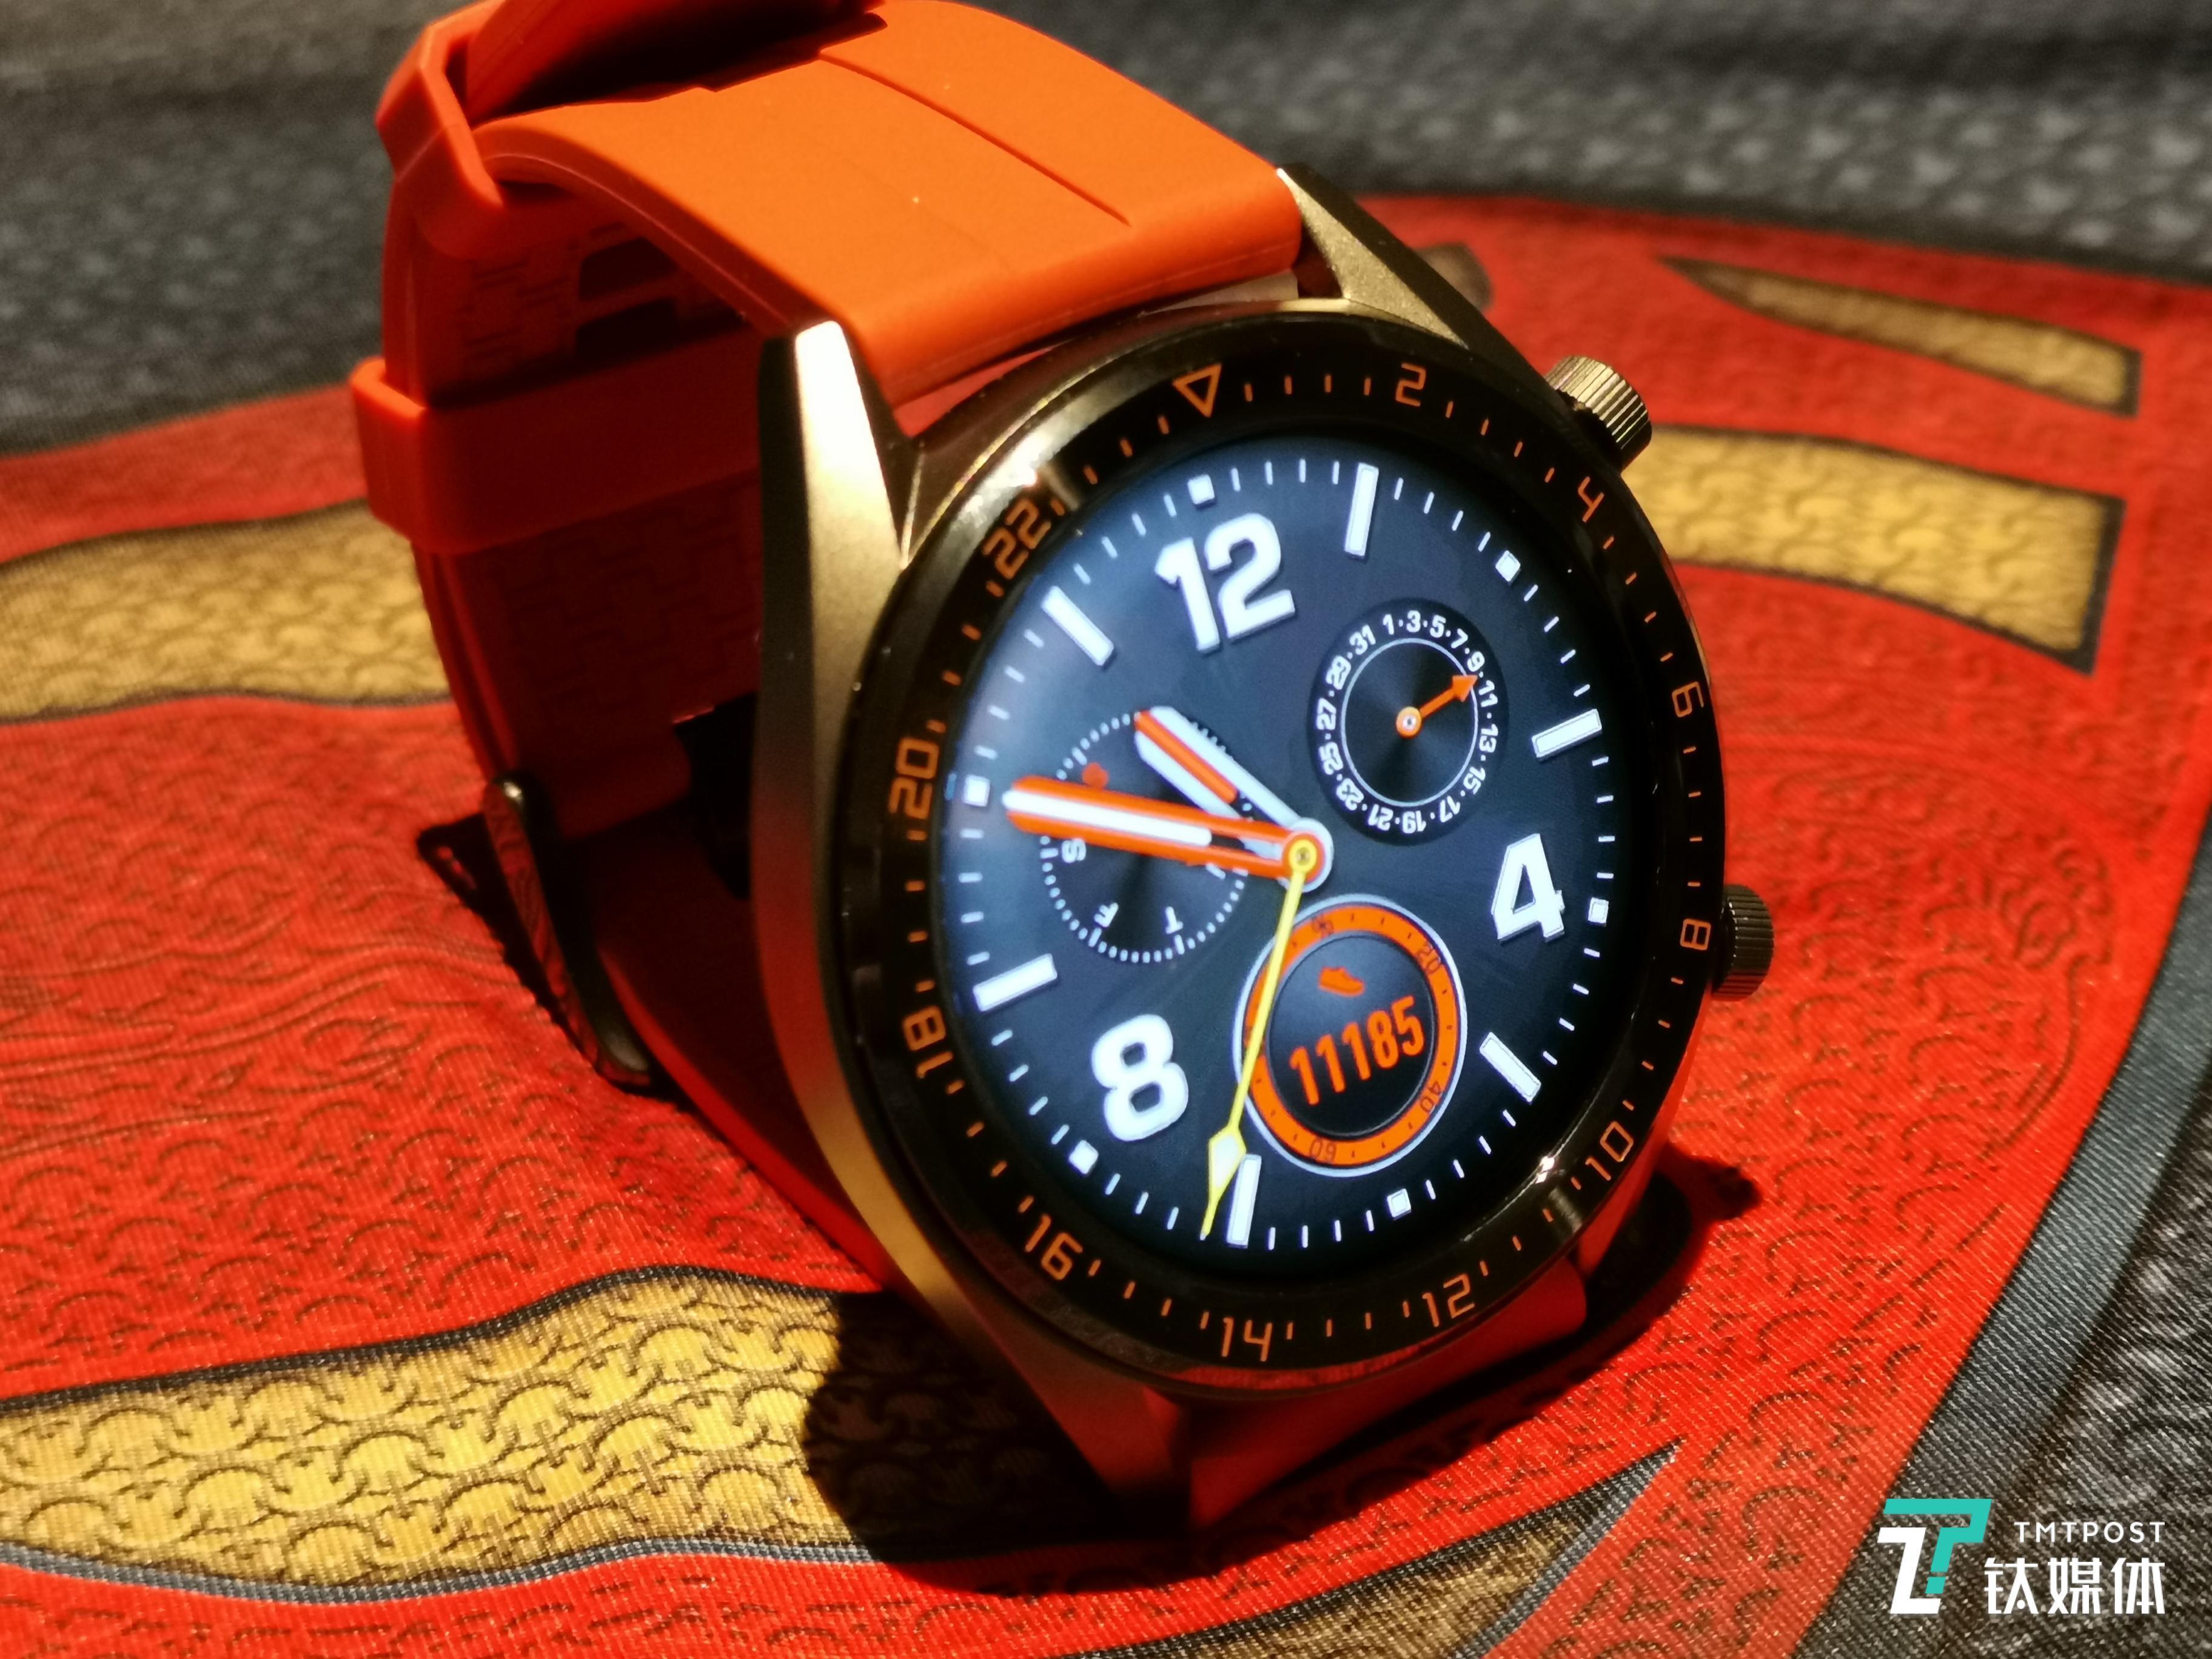 华为智能手表超长续航,心率监测,多运动模式,价格1488元